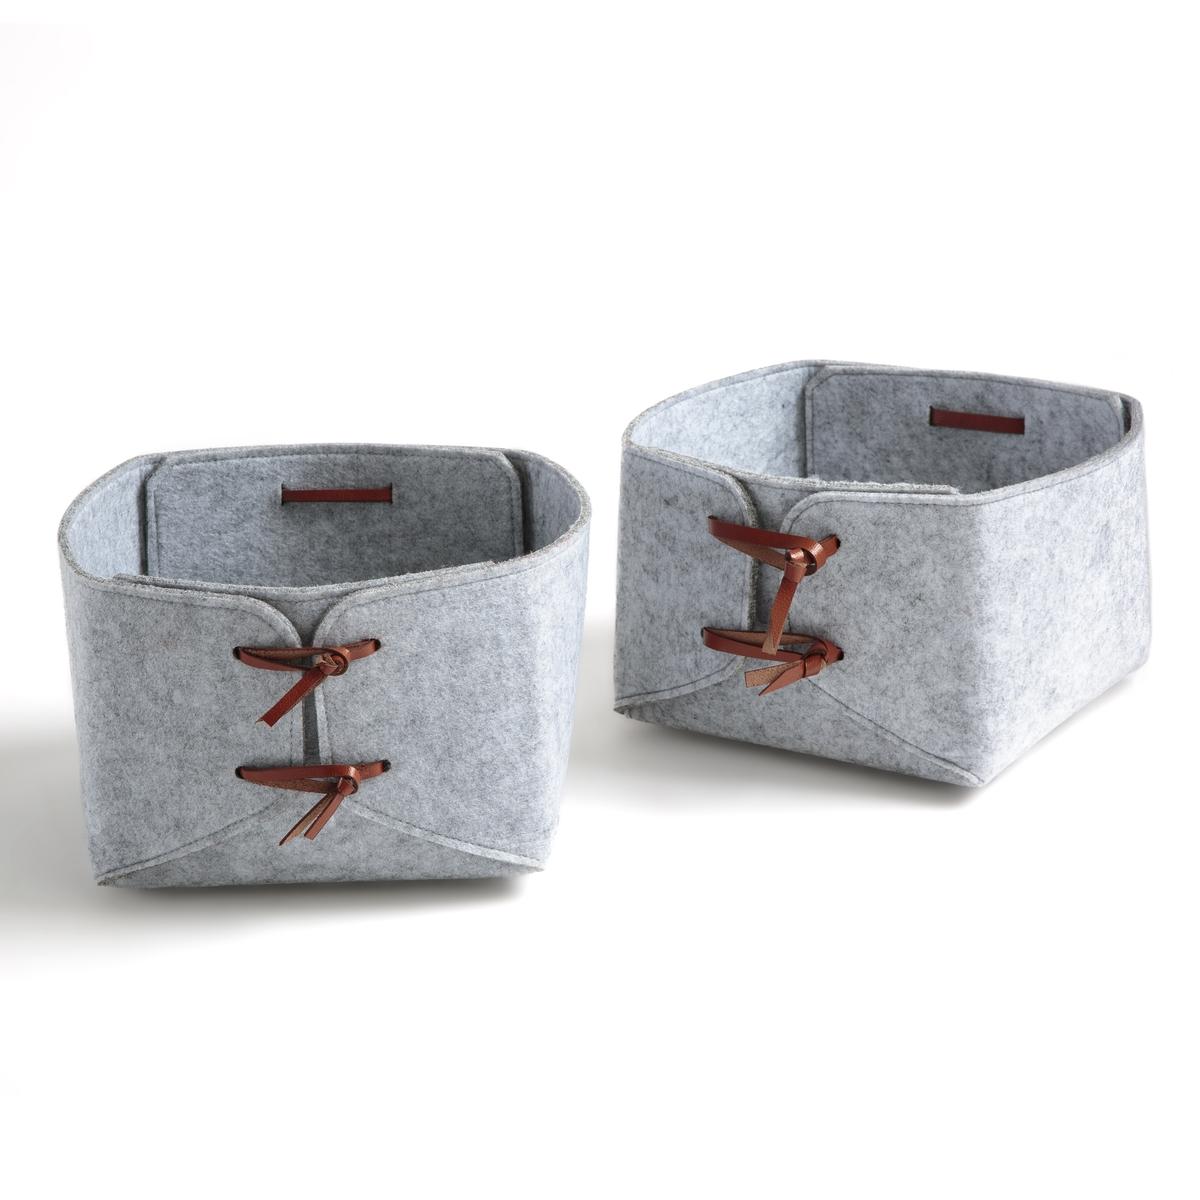 Комплект из коробок из La Redoute Фетрина Kyzac единый размер серый комплект из 3 горшков loupi la redoute la redoute единый размер серый